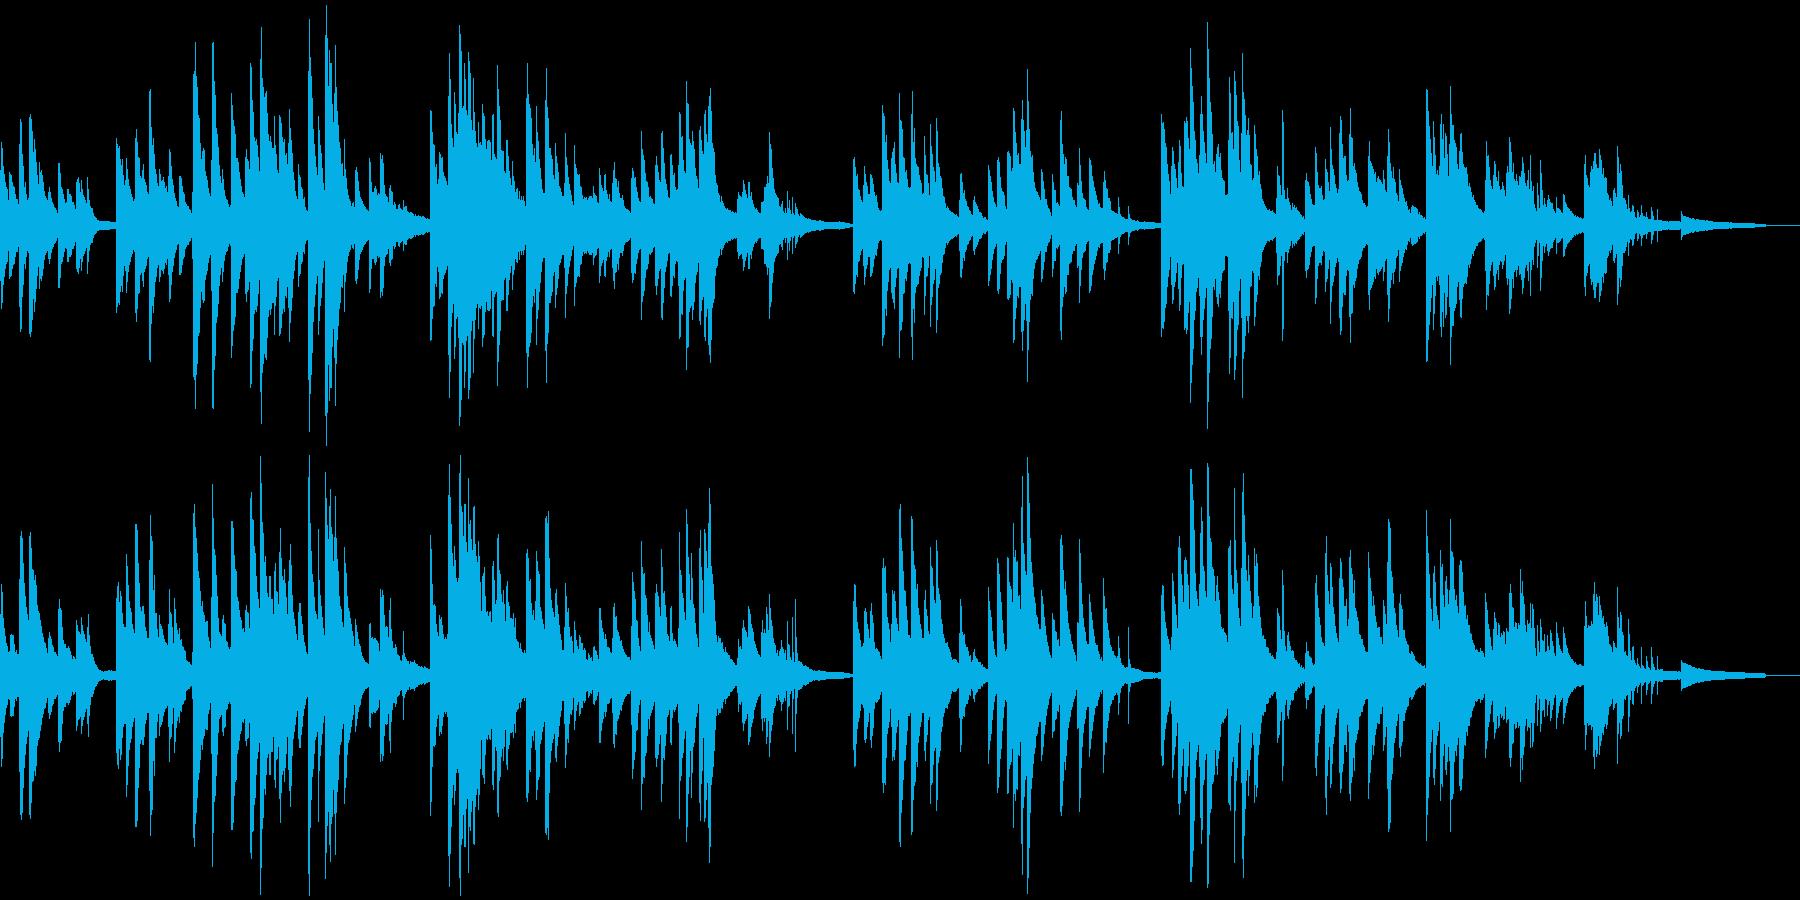 ジングルベル しっとりジャズピアノの再生済みの波形